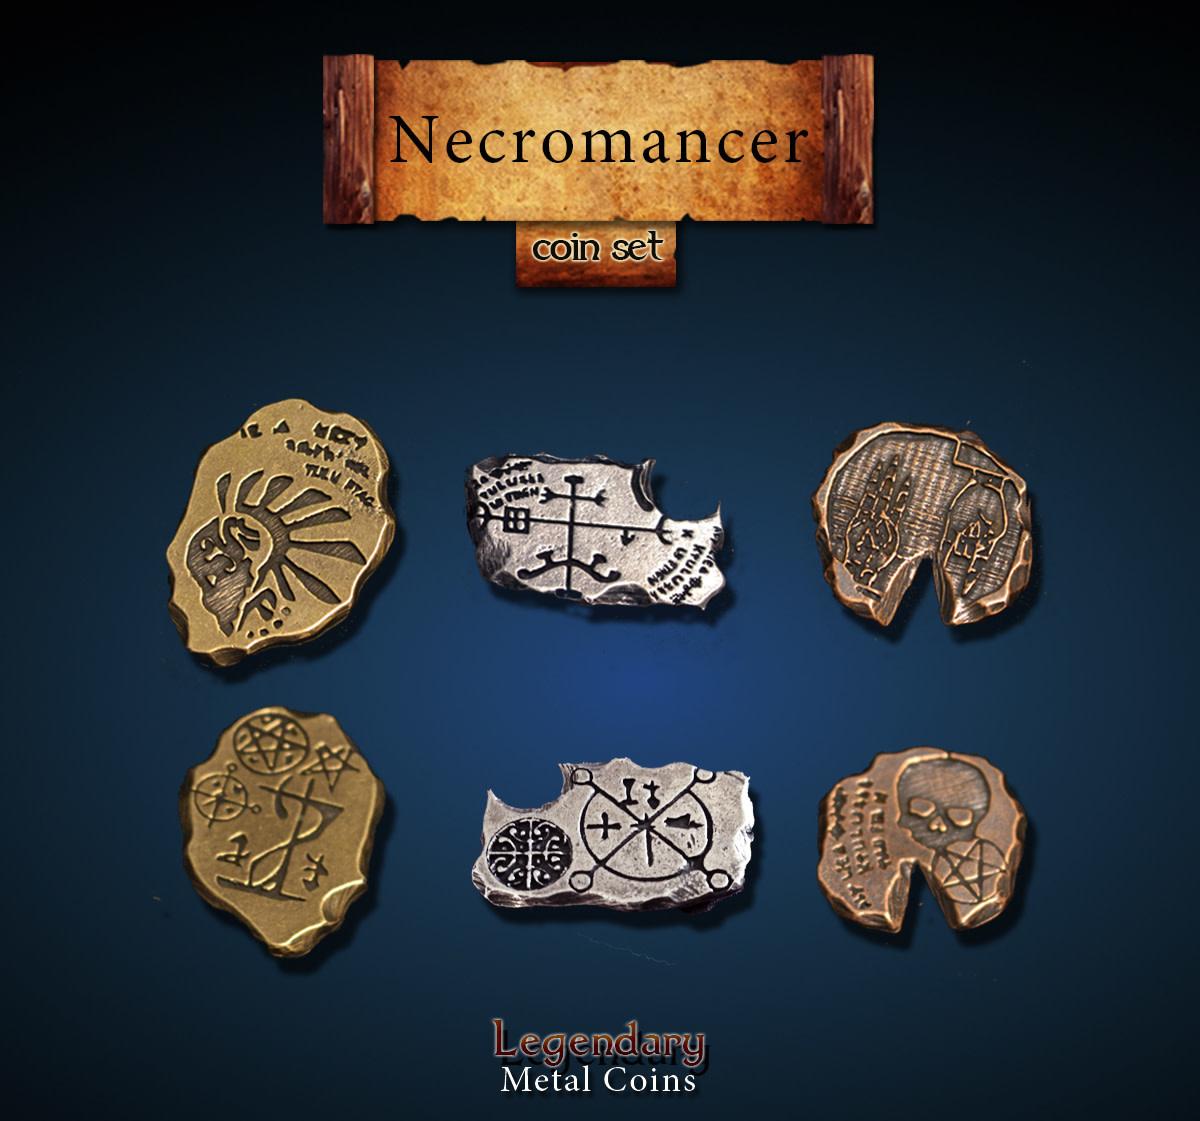 Legendary Metal Coins: Necromancer (24pcs)